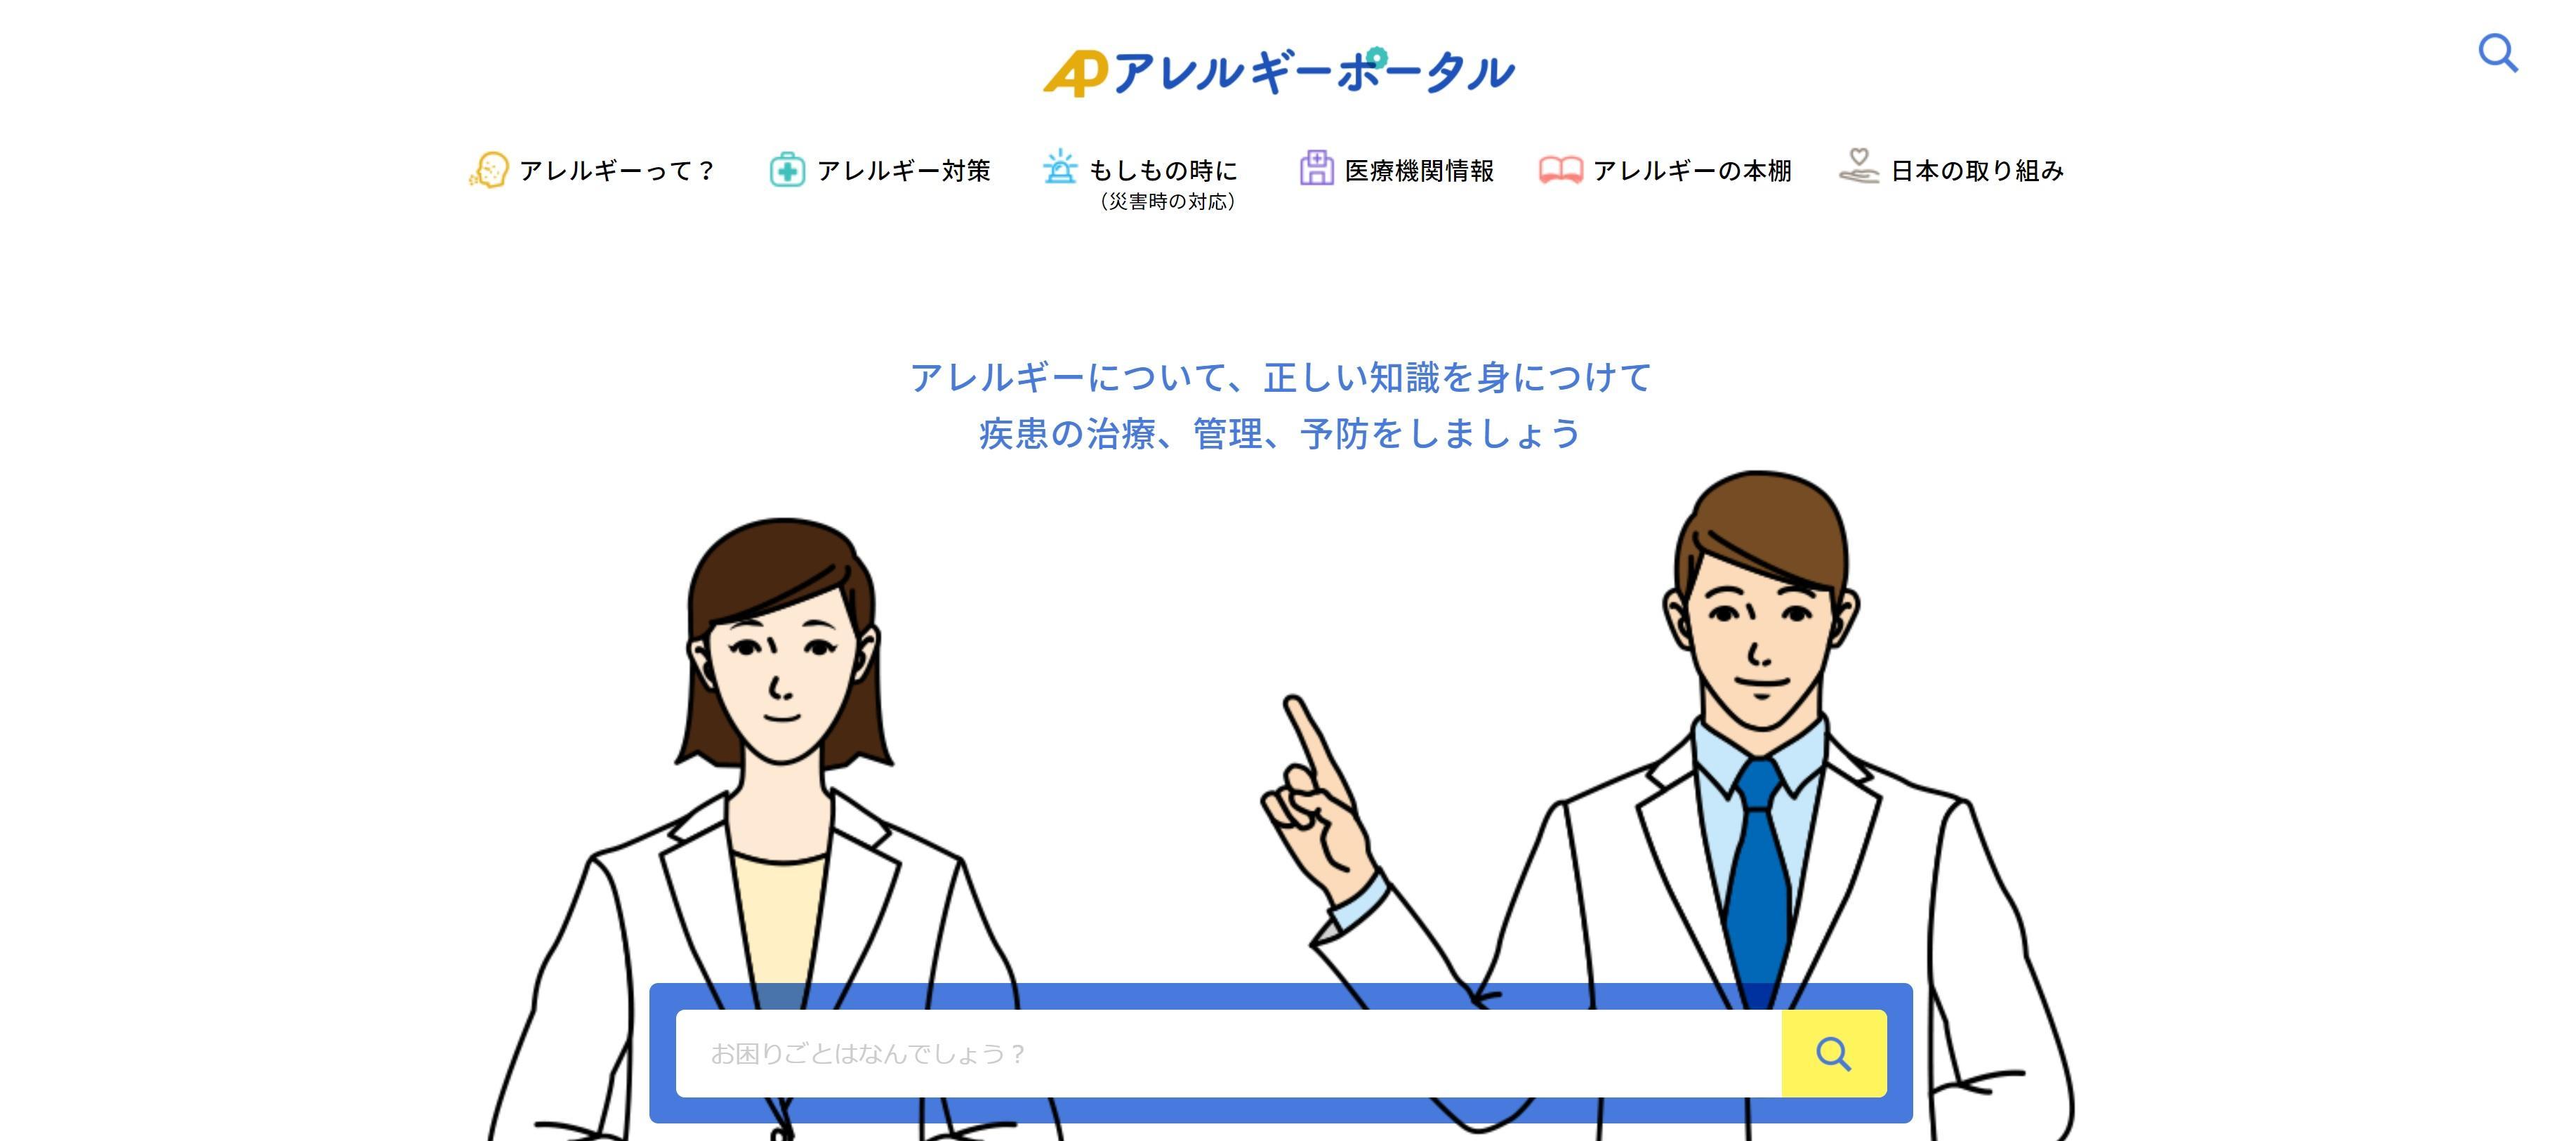 適切な情報選択の一助に!「アレルギーポータル」を開設~日本アレルギー学会